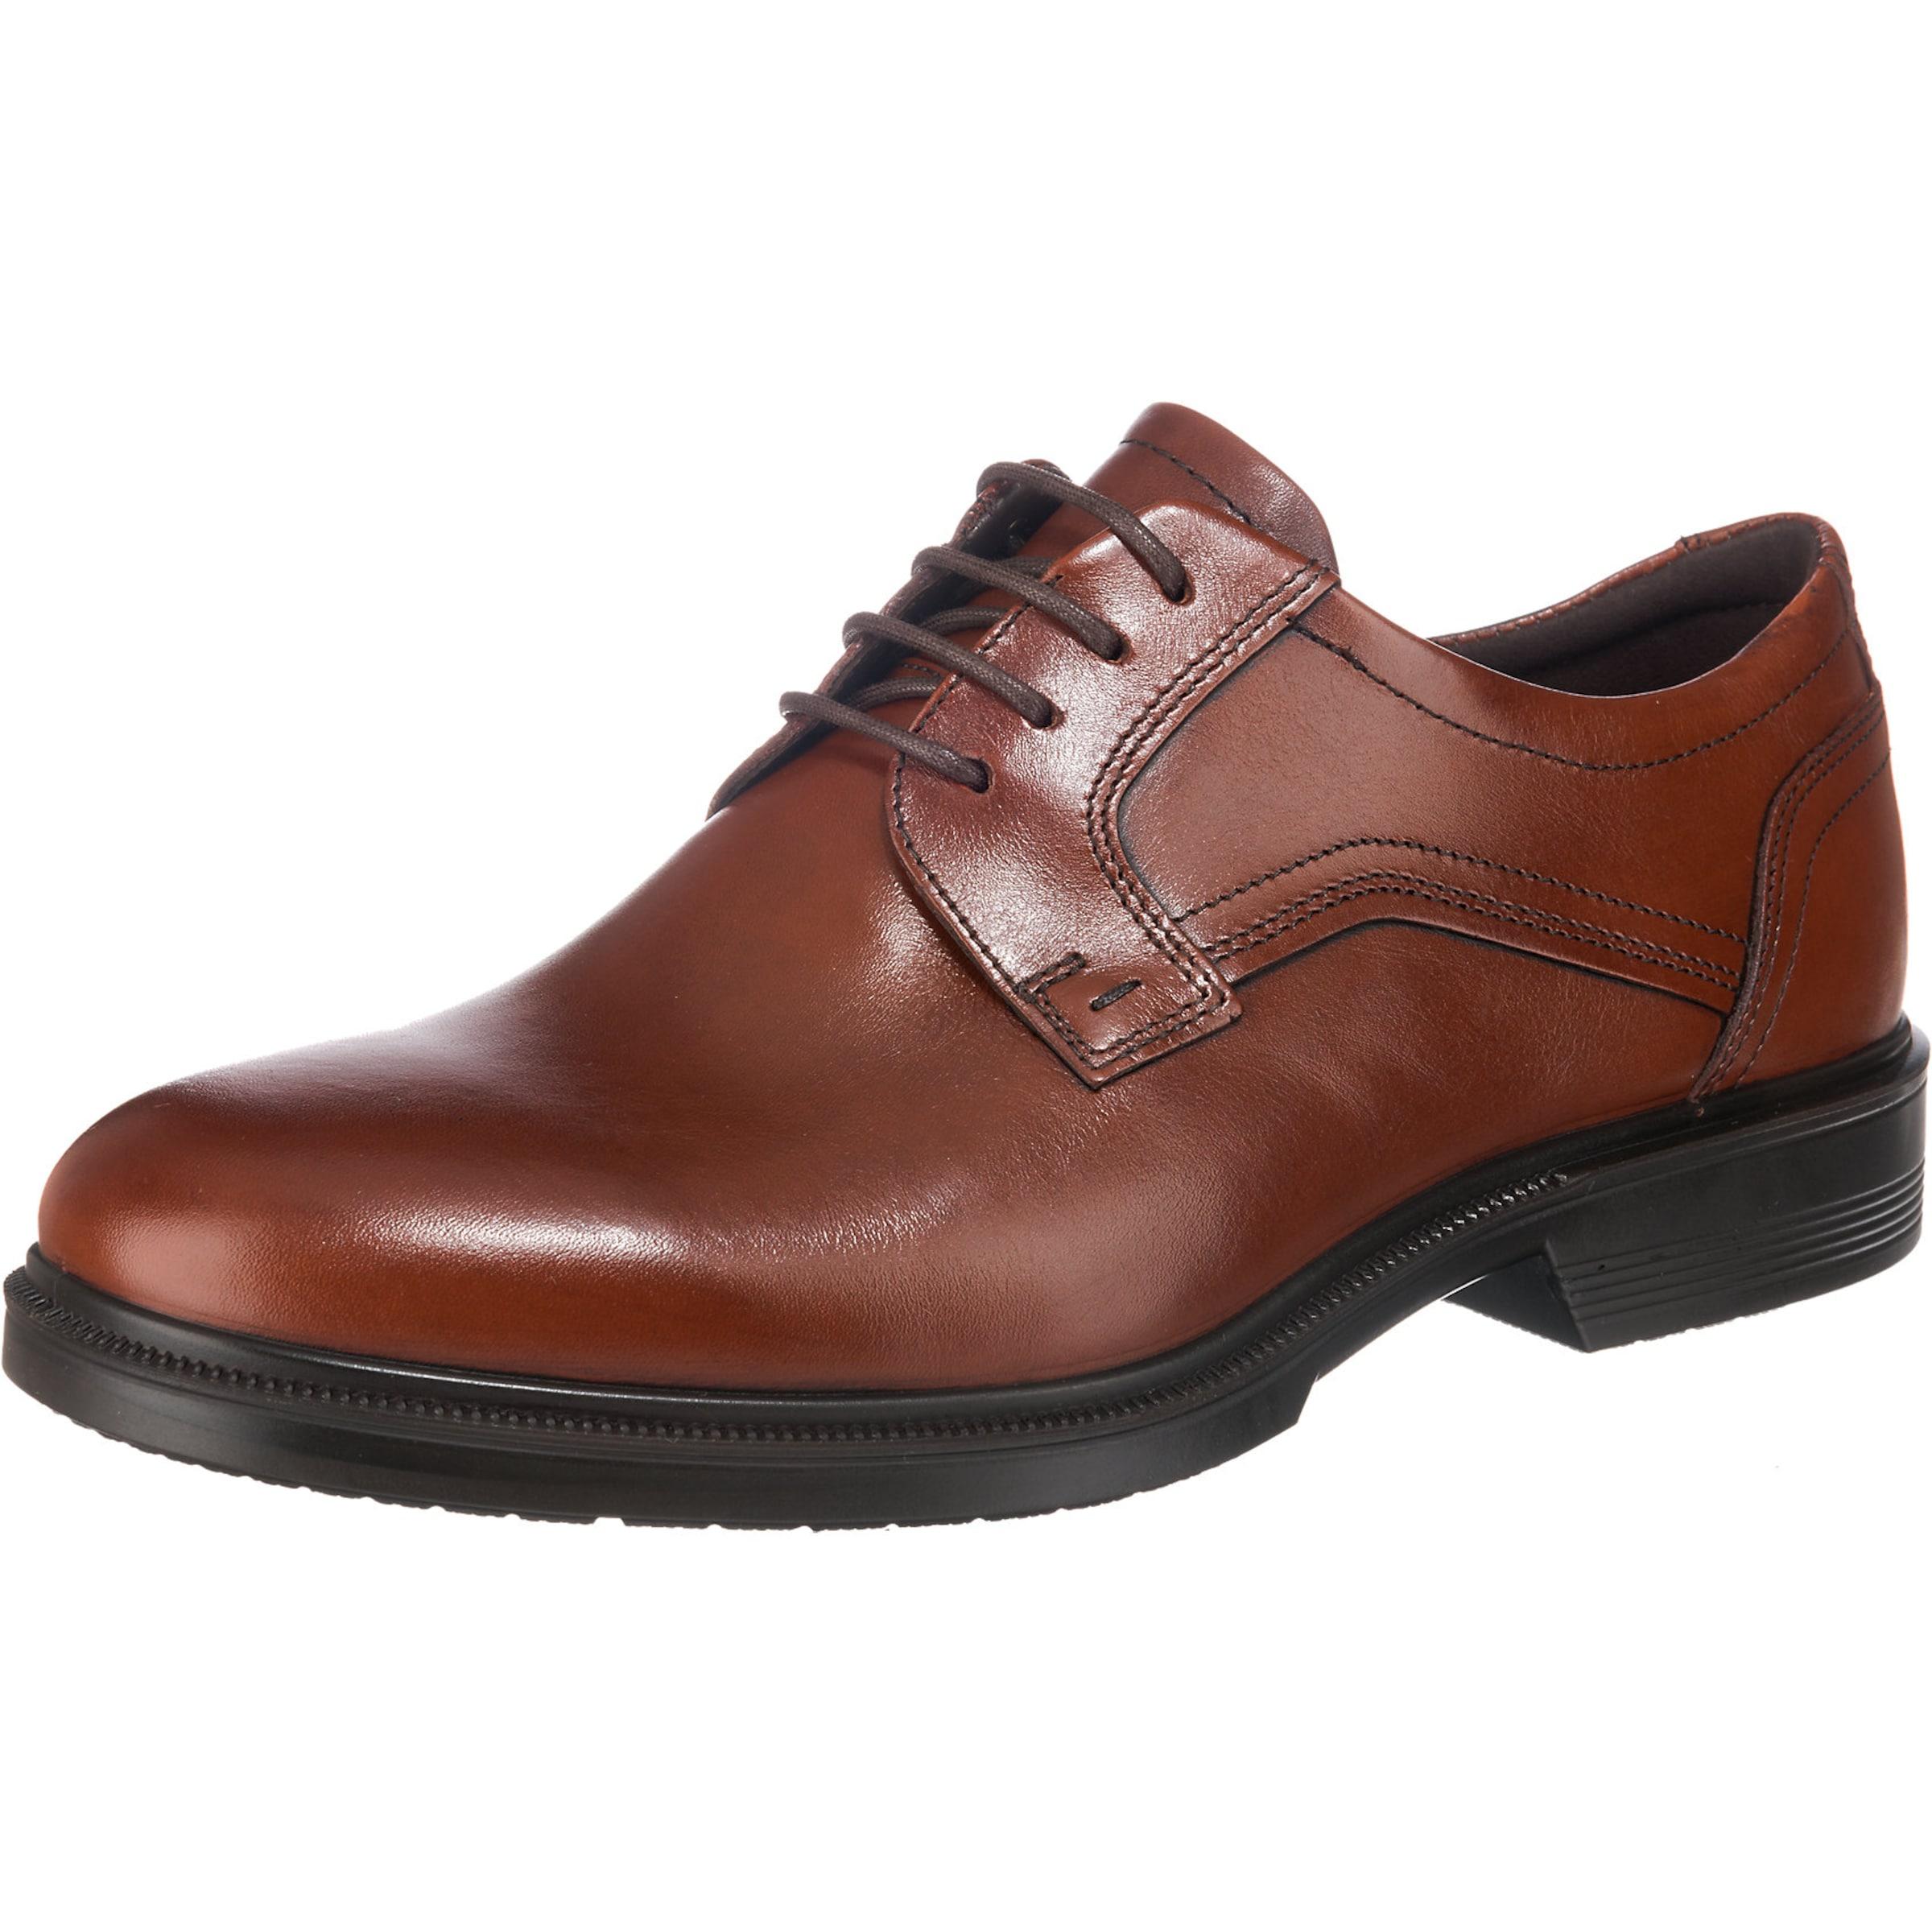 ECCO | Lisbon Business Schuhe